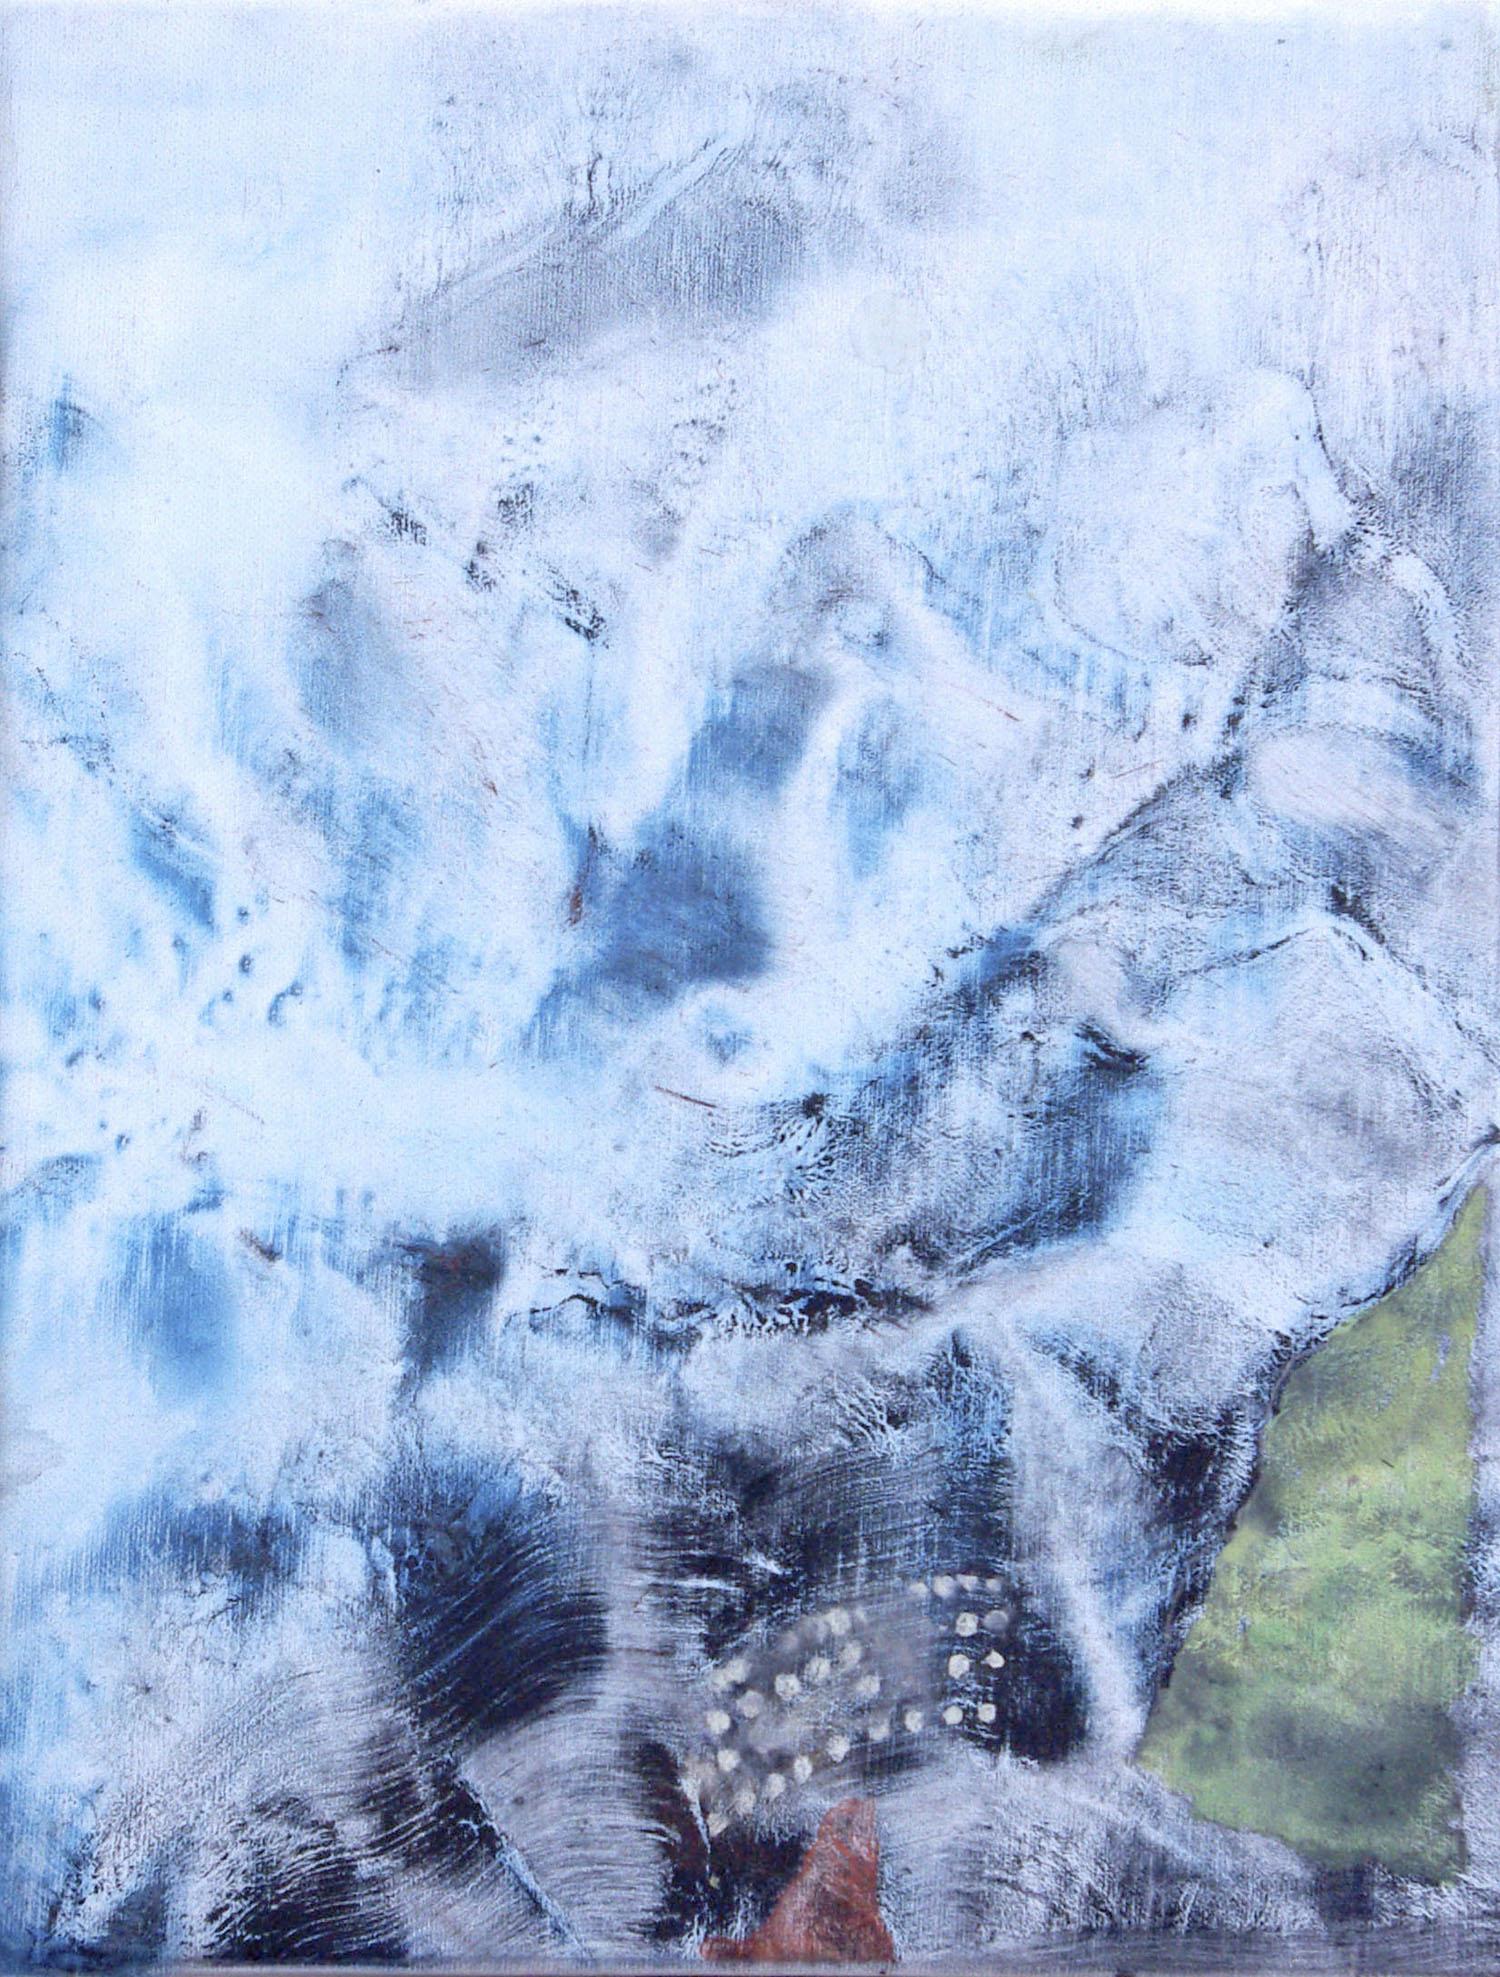 RH4 Oil on canvas. Dimension: 14 x 18 cm